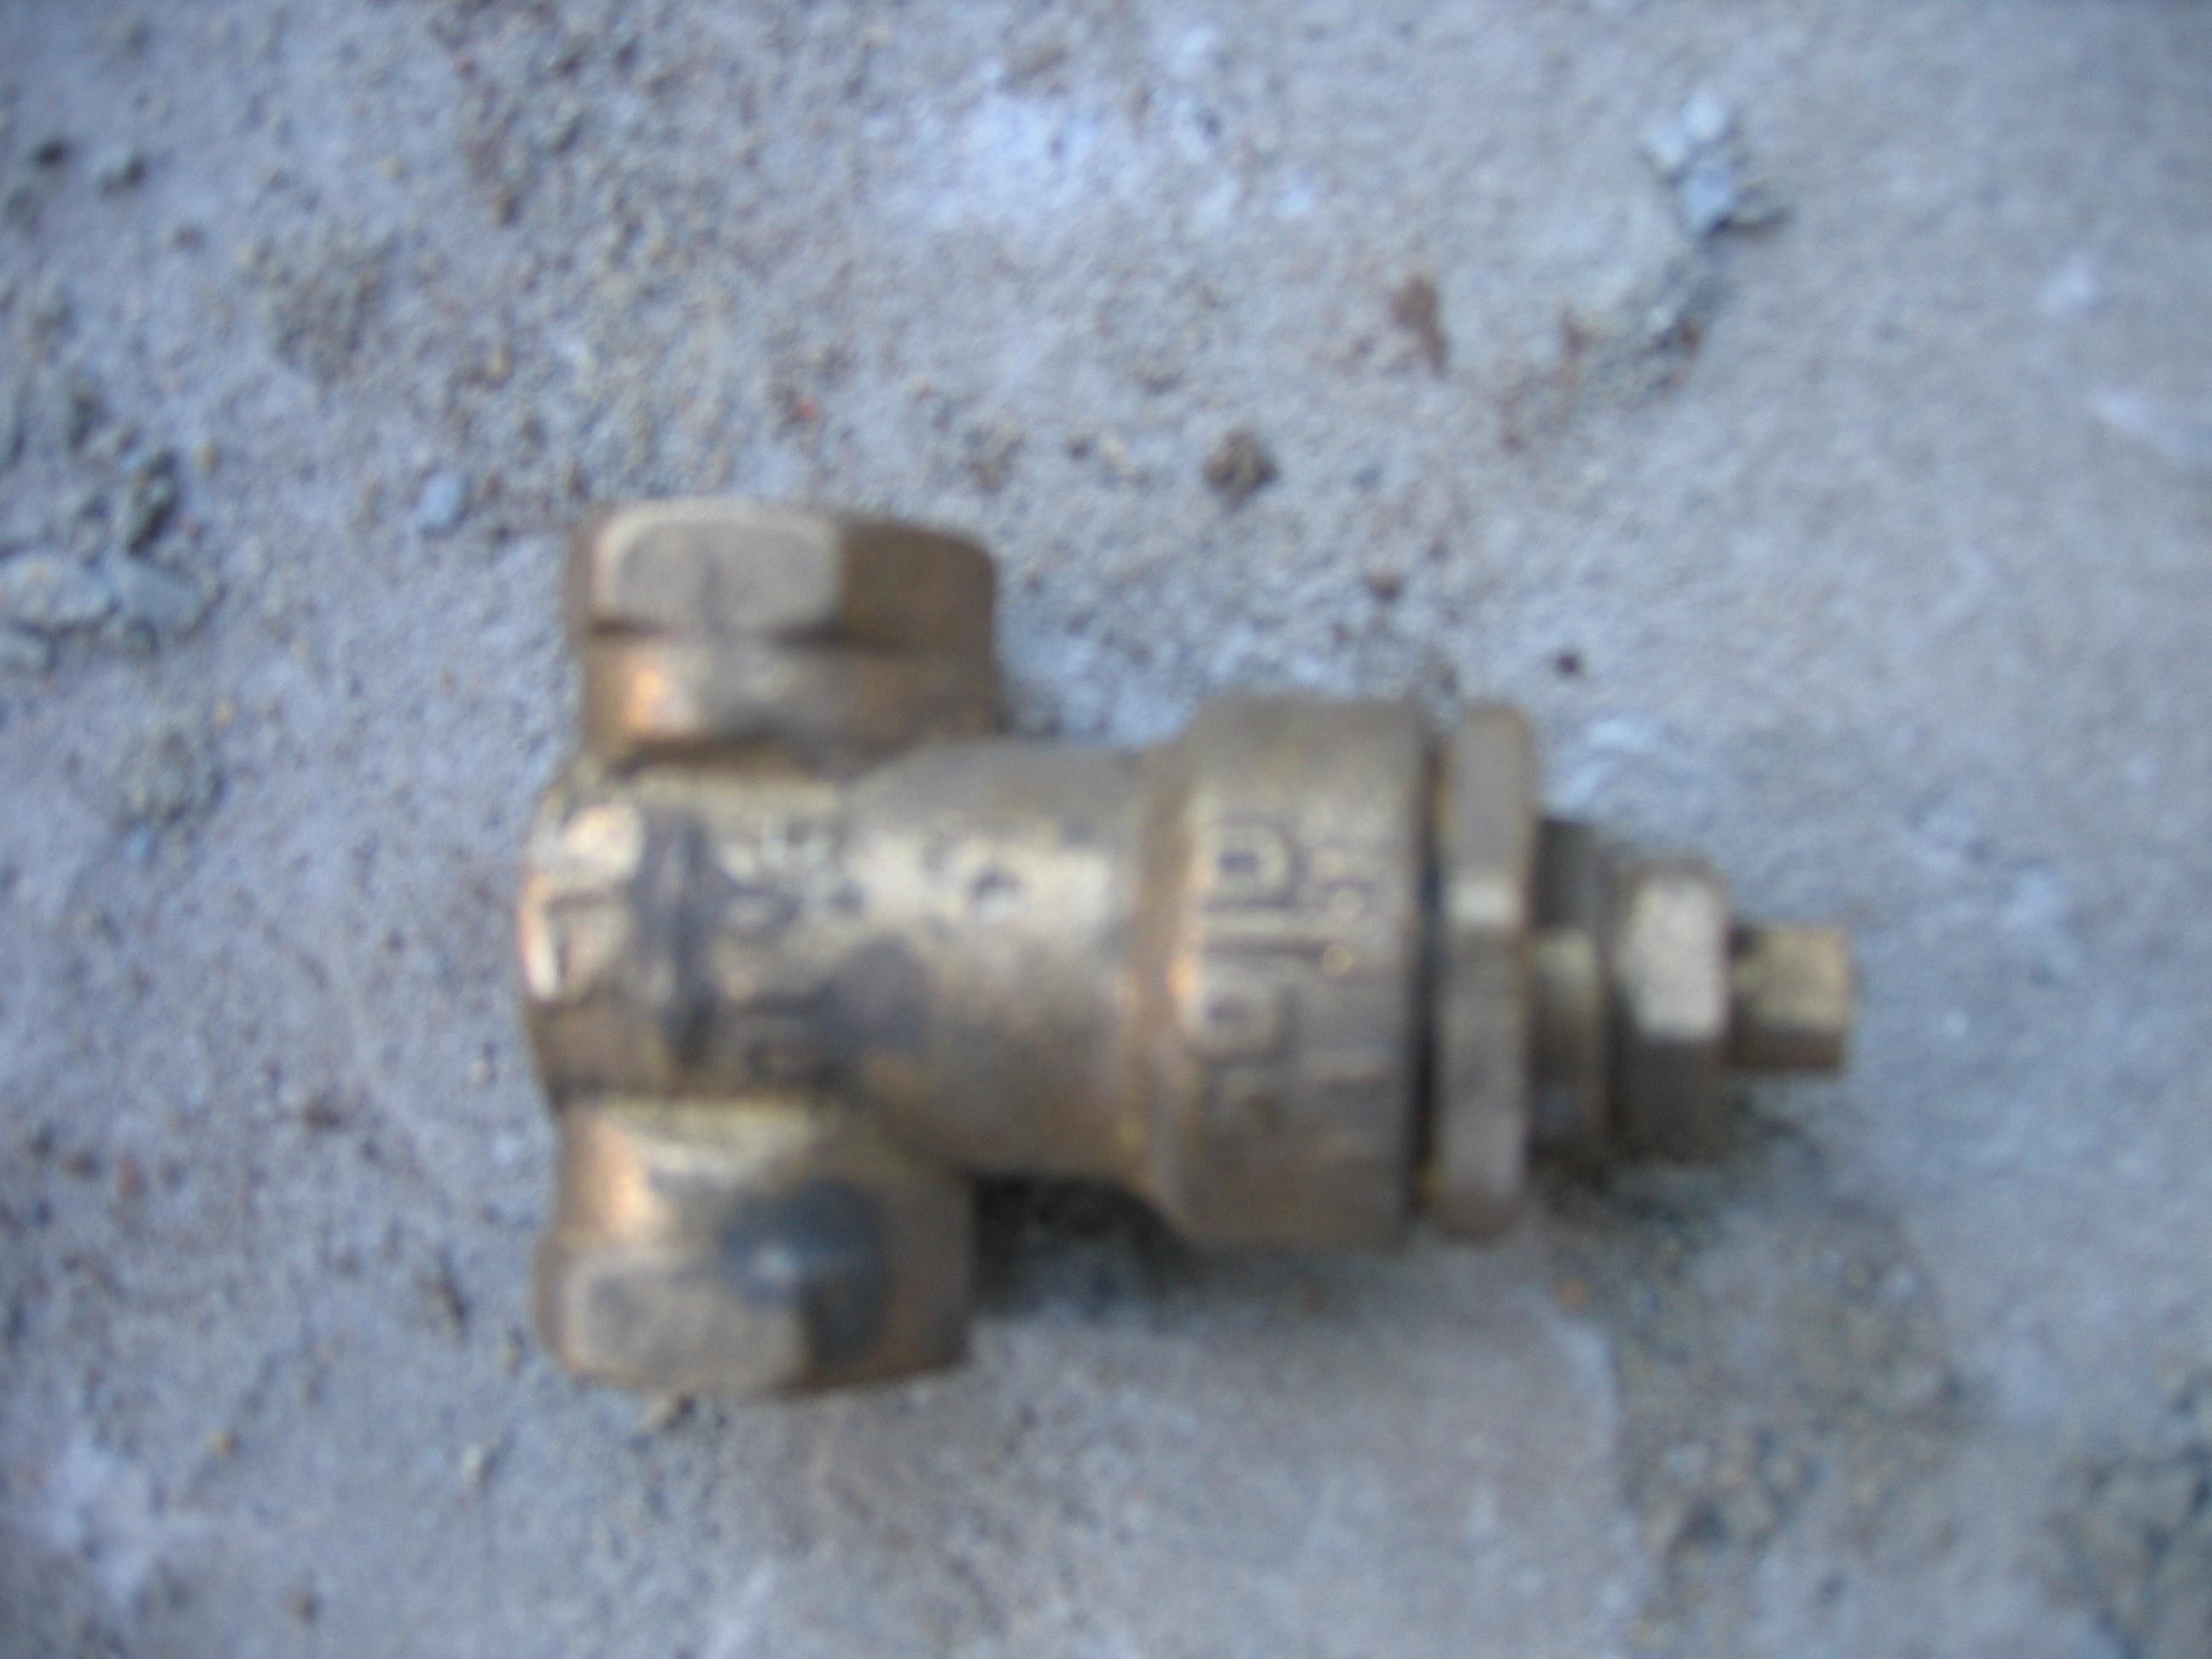 Кран 11б6бк удлиненный Ду-15